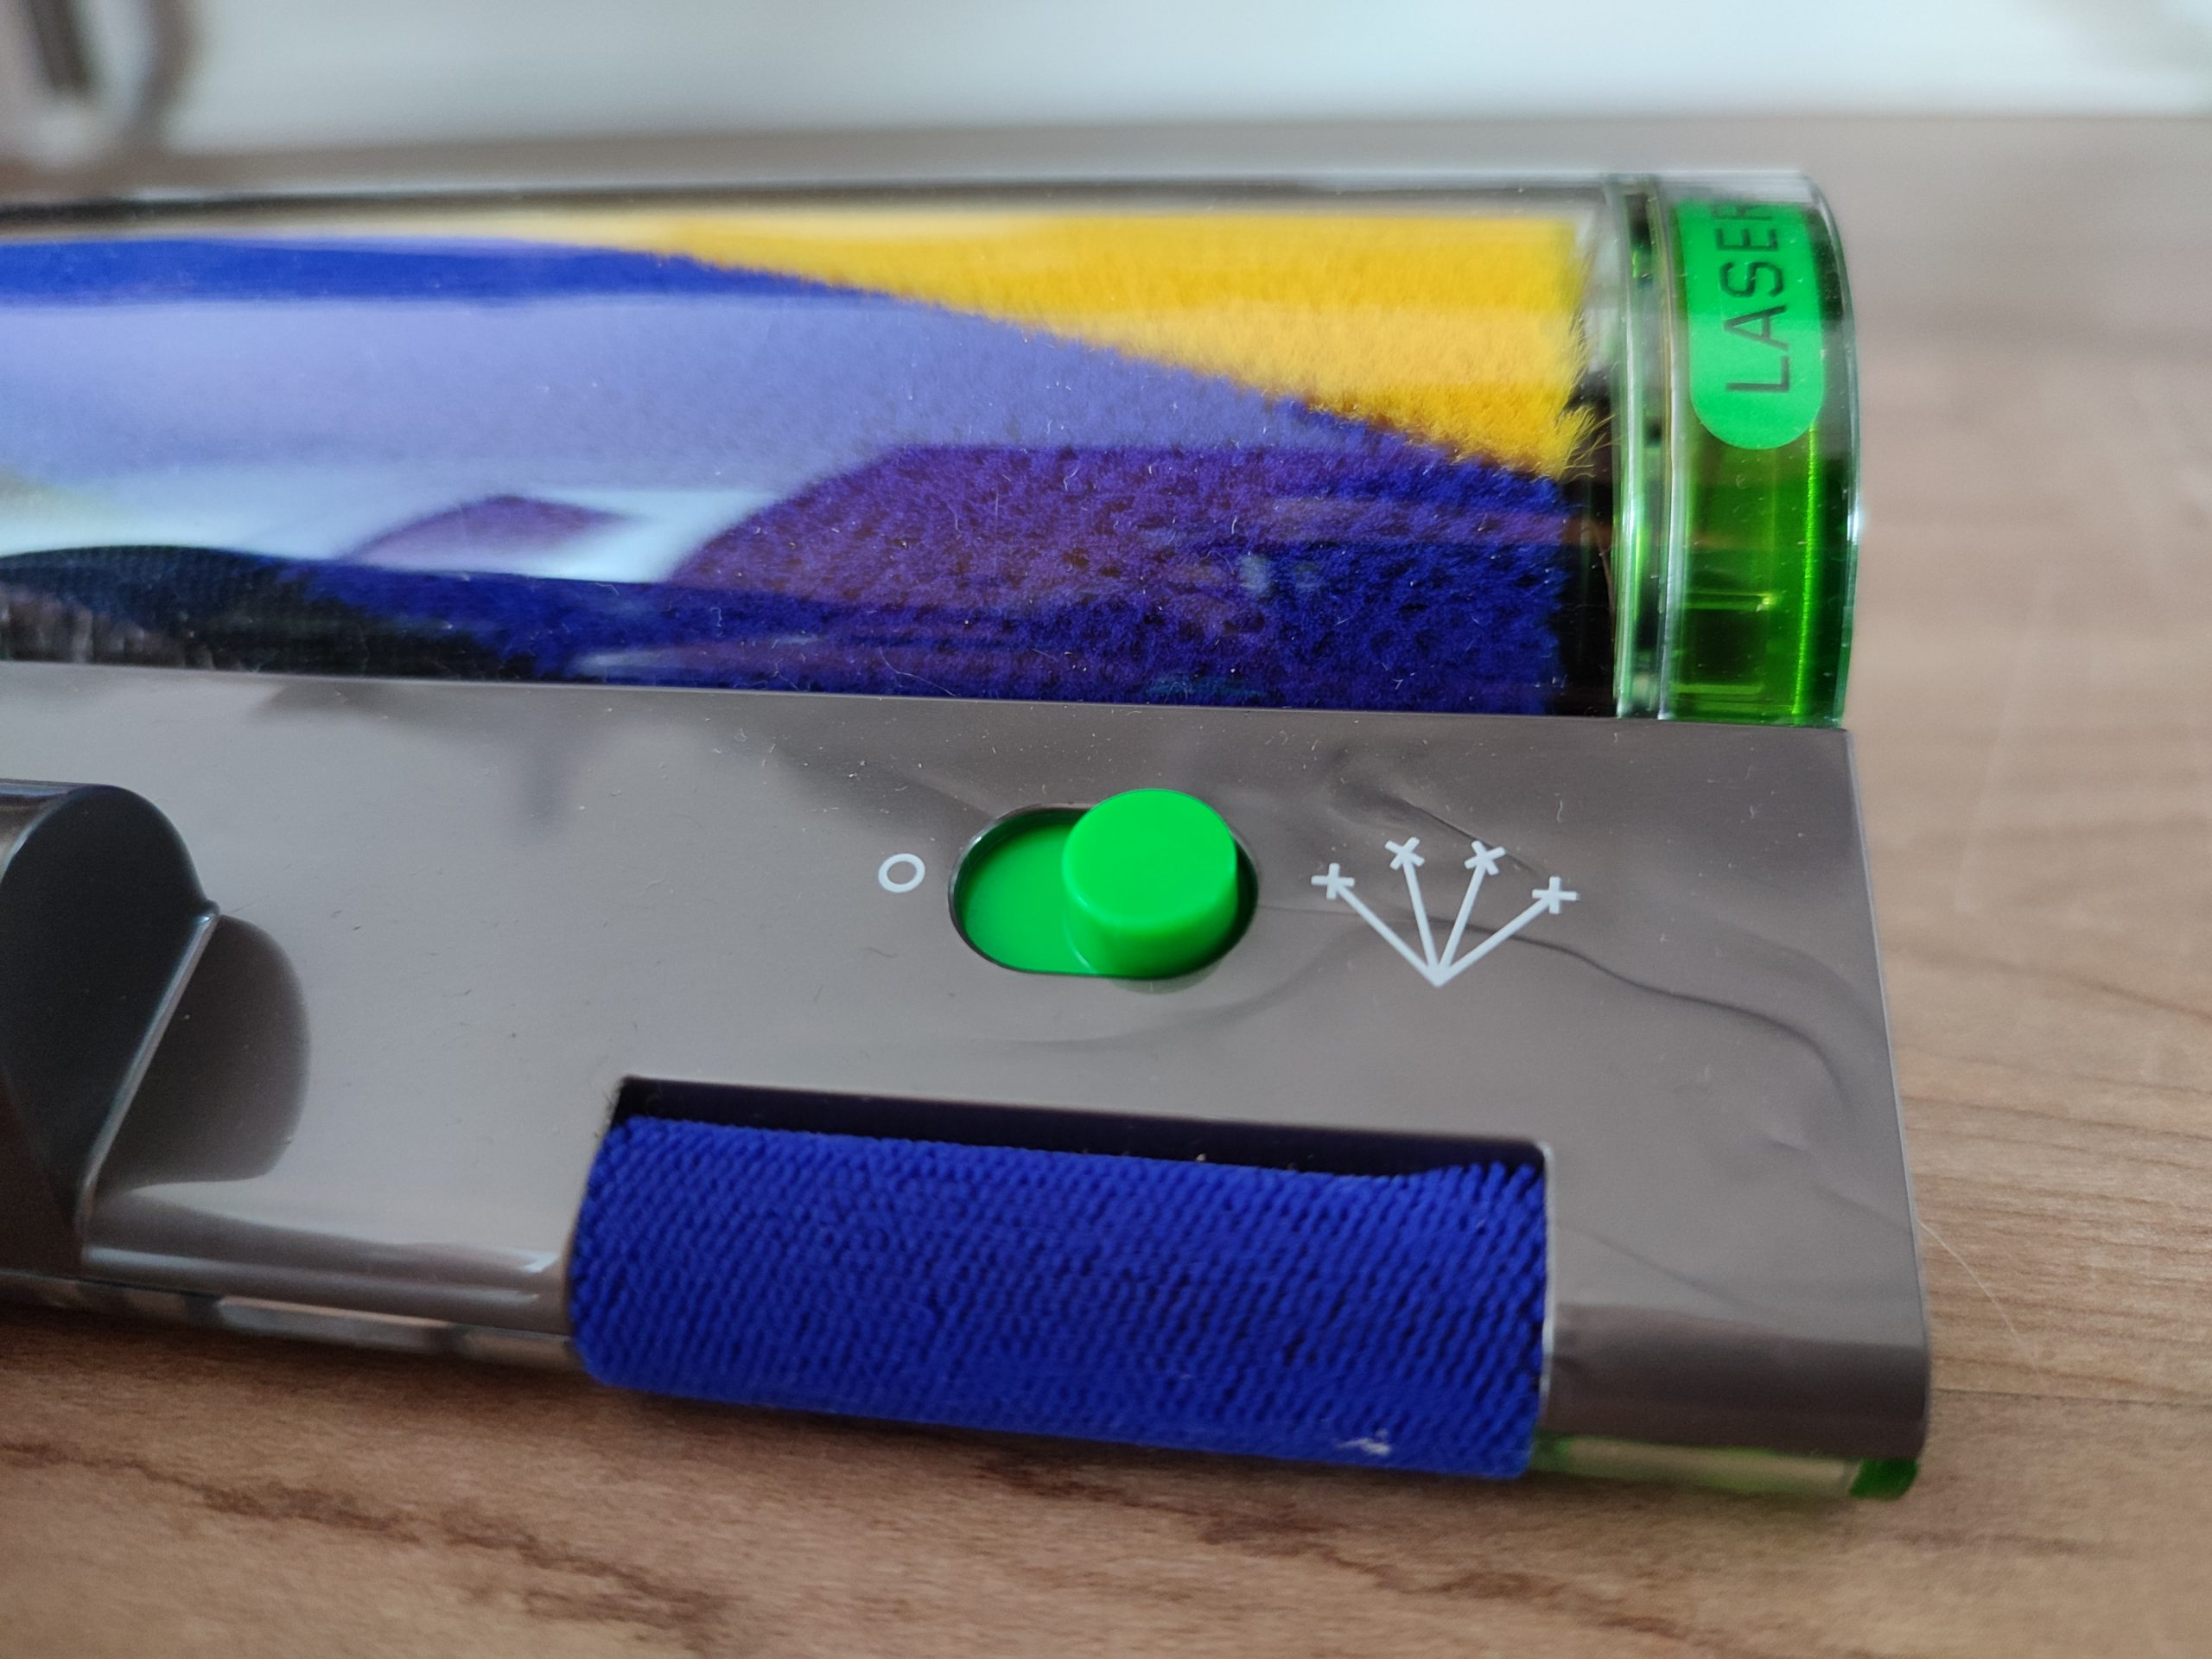 Dyson V15 Detect Akkusauger Laser einschalten